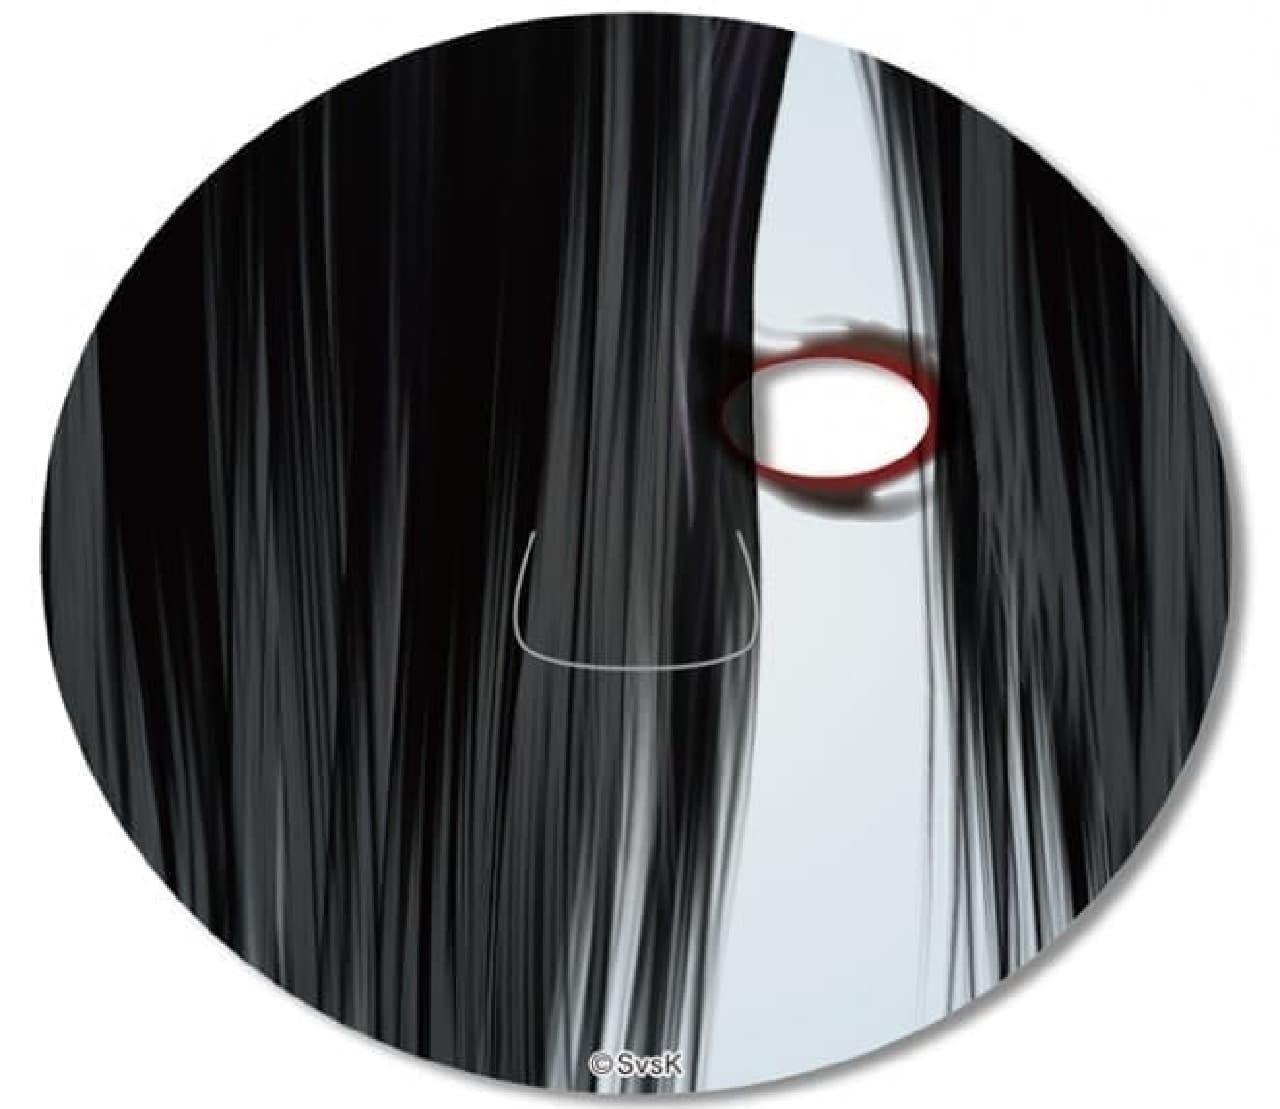 顔を覆う髪の毛を表現した「貞子」フェイスパック